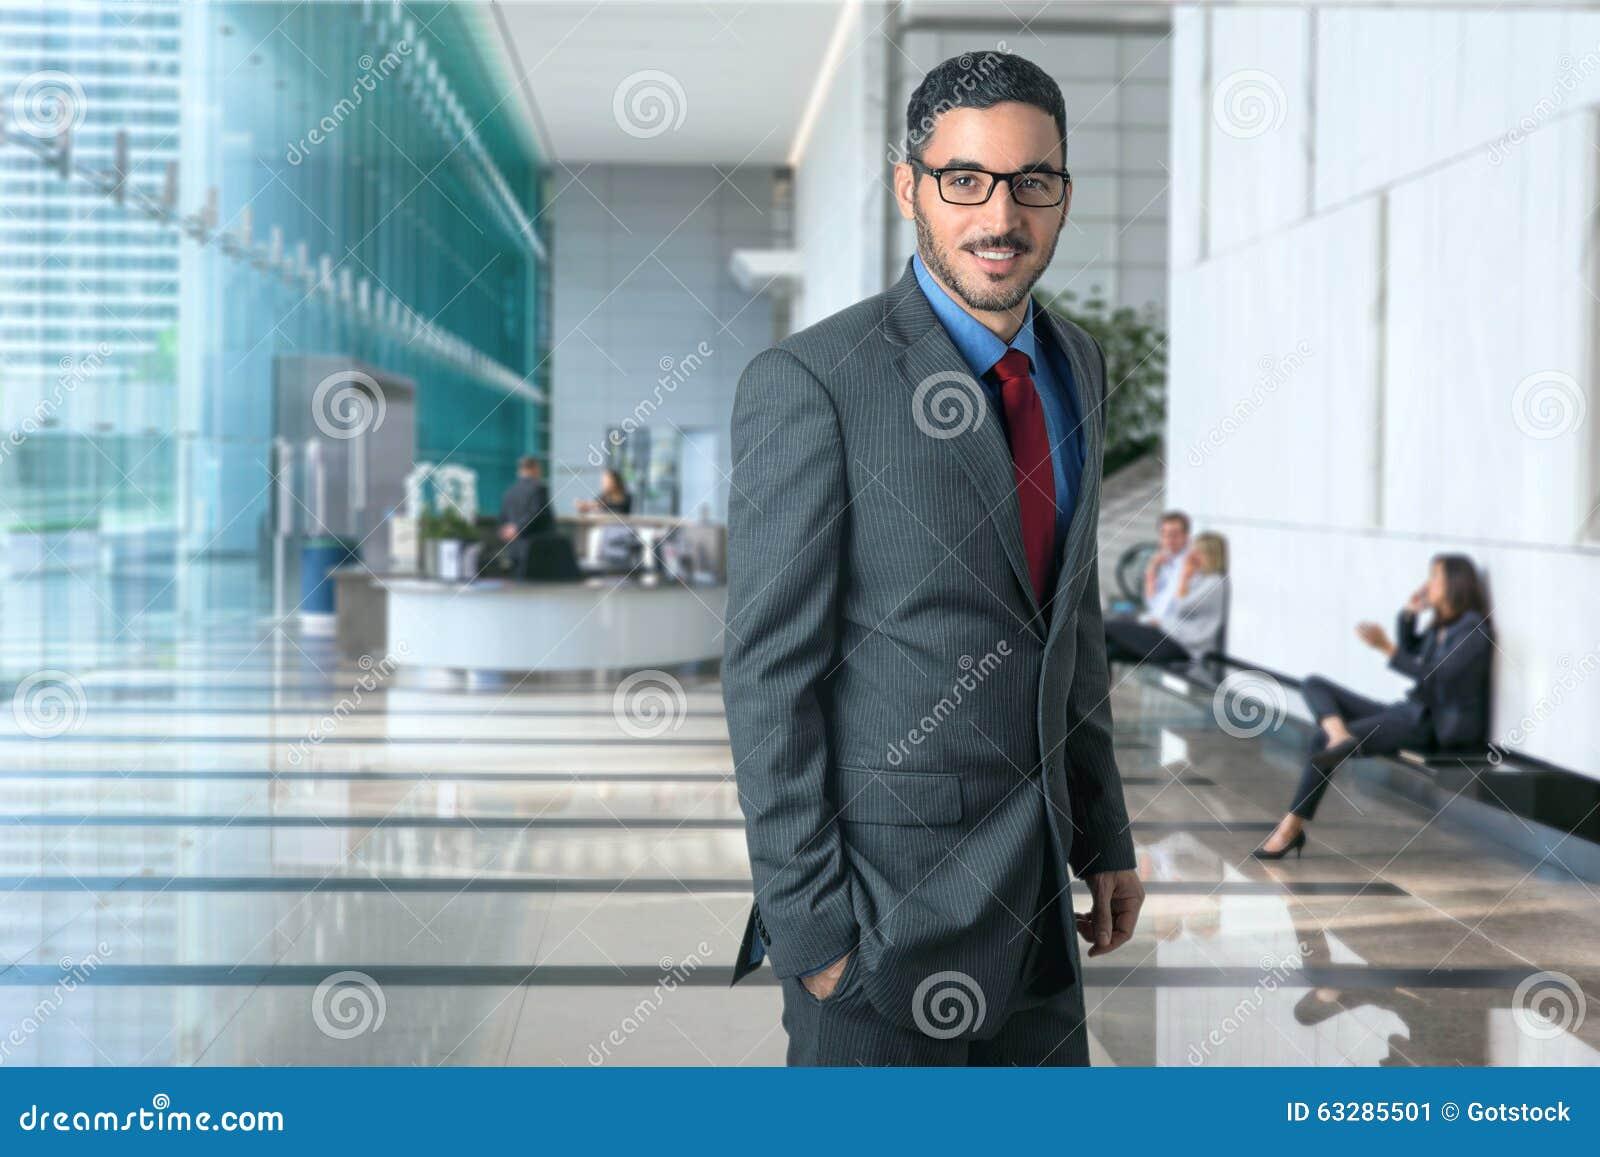 Ufficio Elegante Vita : Ritratto di riuscito dirigente delluomo di affari corporativi in un